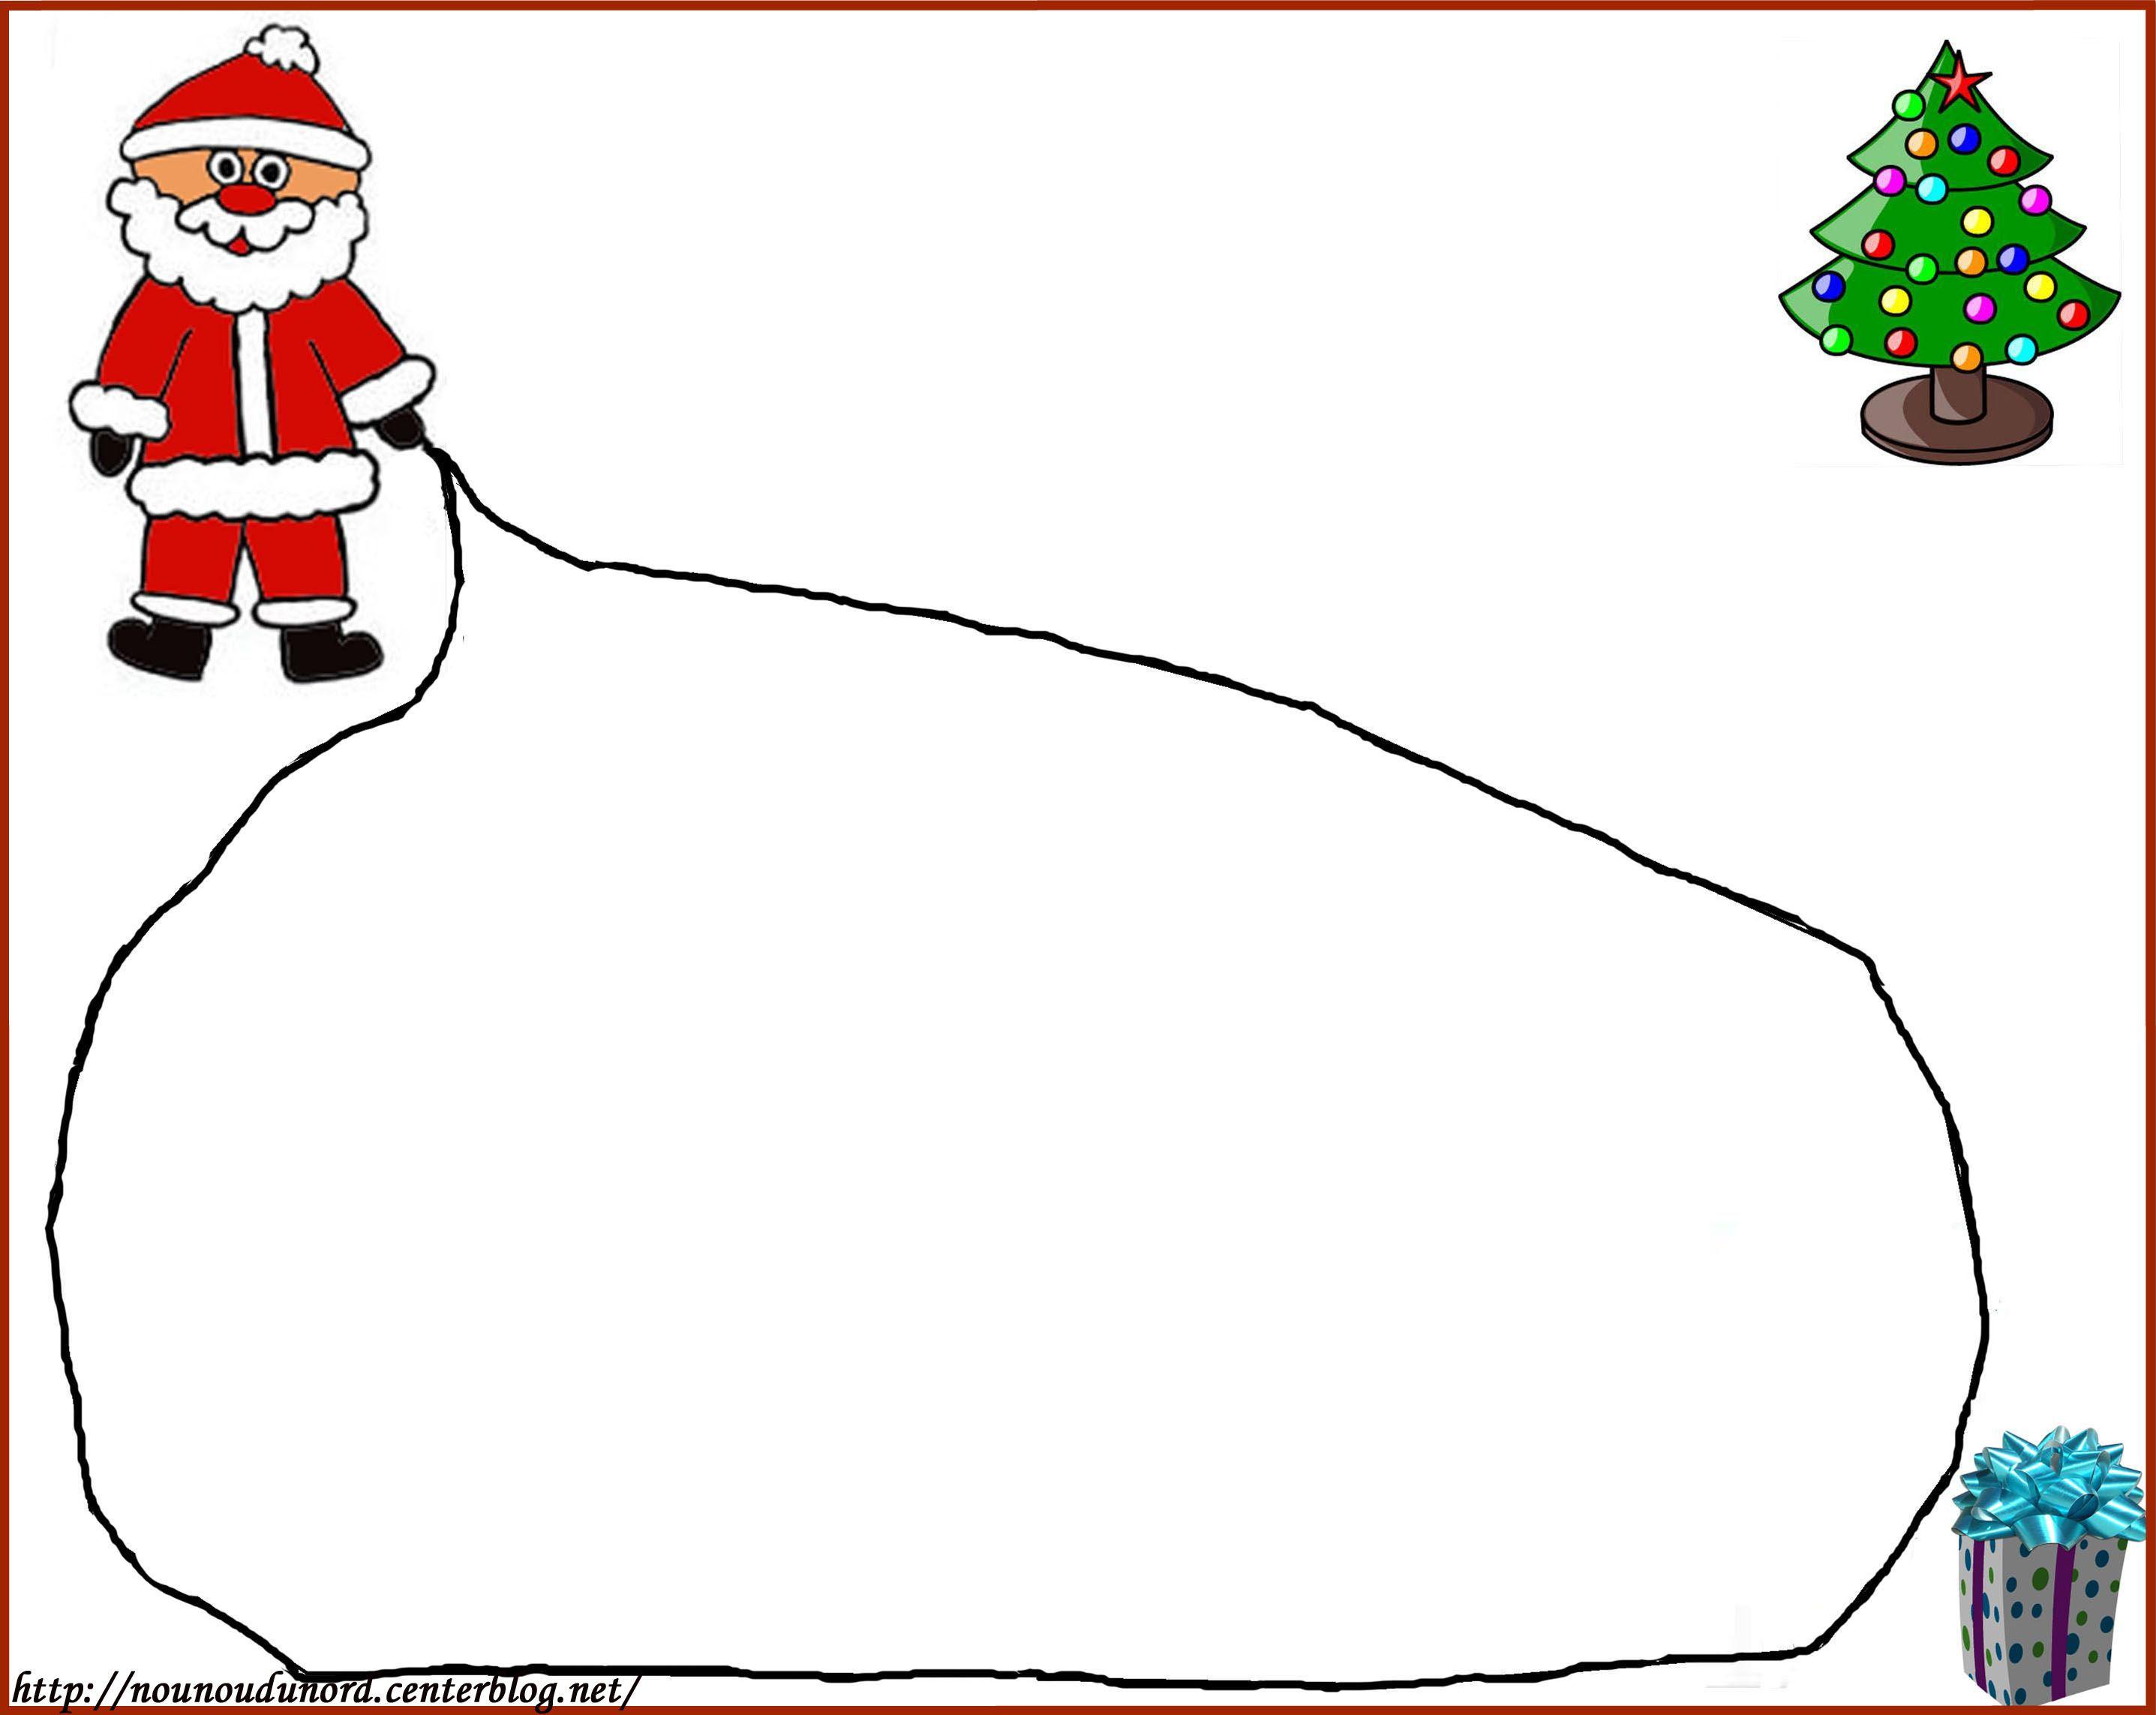 Lettre Au Père Noël À Imprimer encequiconcerne Reponse Lettre Du Pere Noel A Imprimer